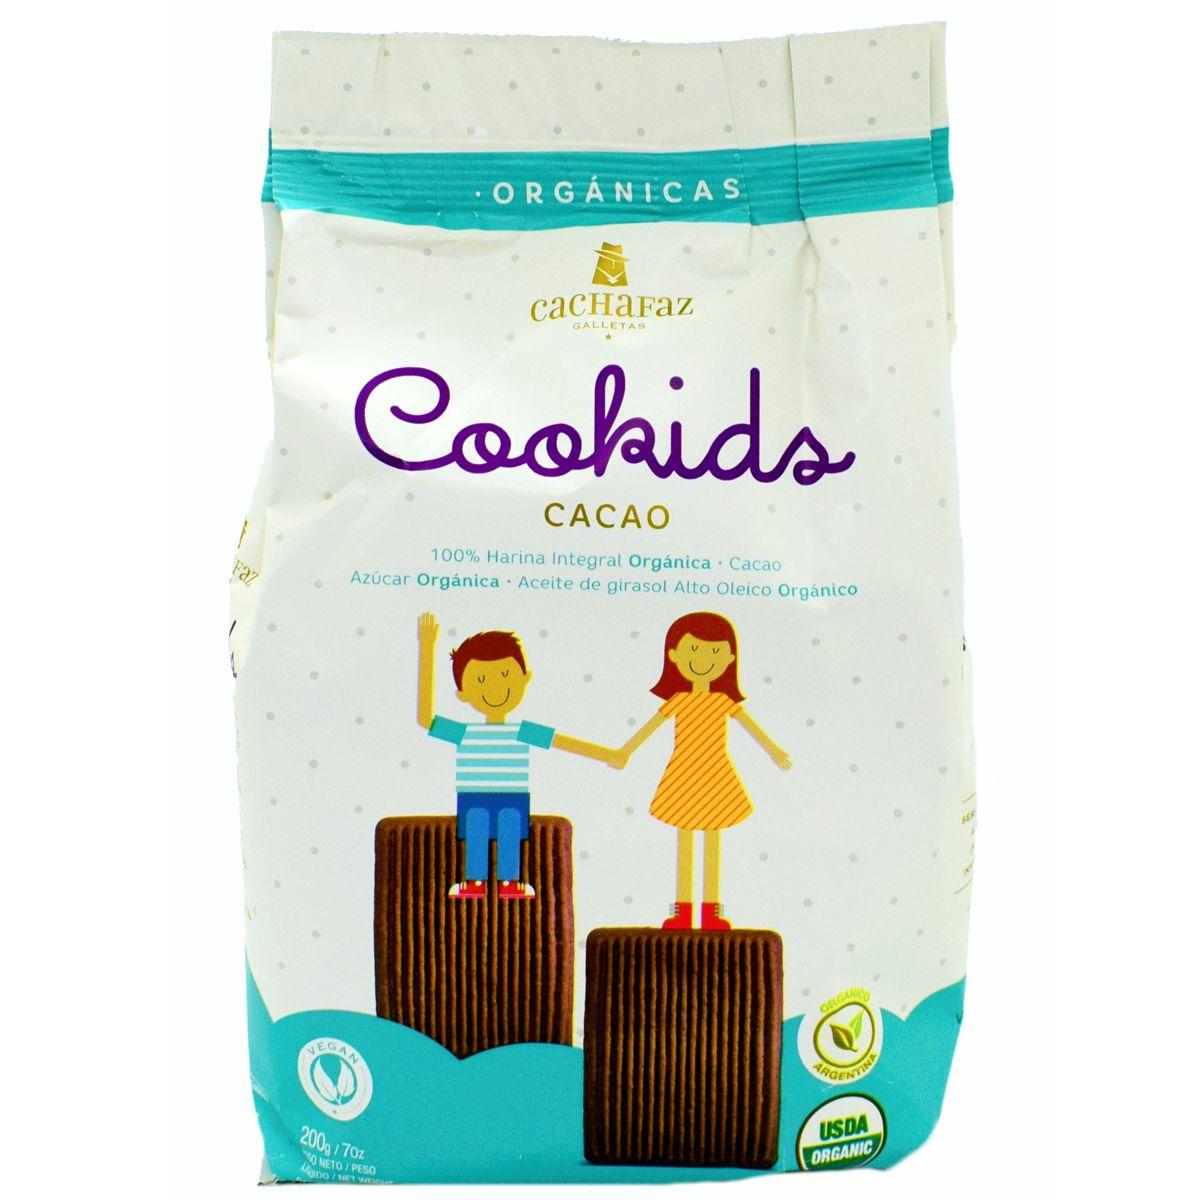 galletitas cachafaz cookids de cacao precio mayoristas